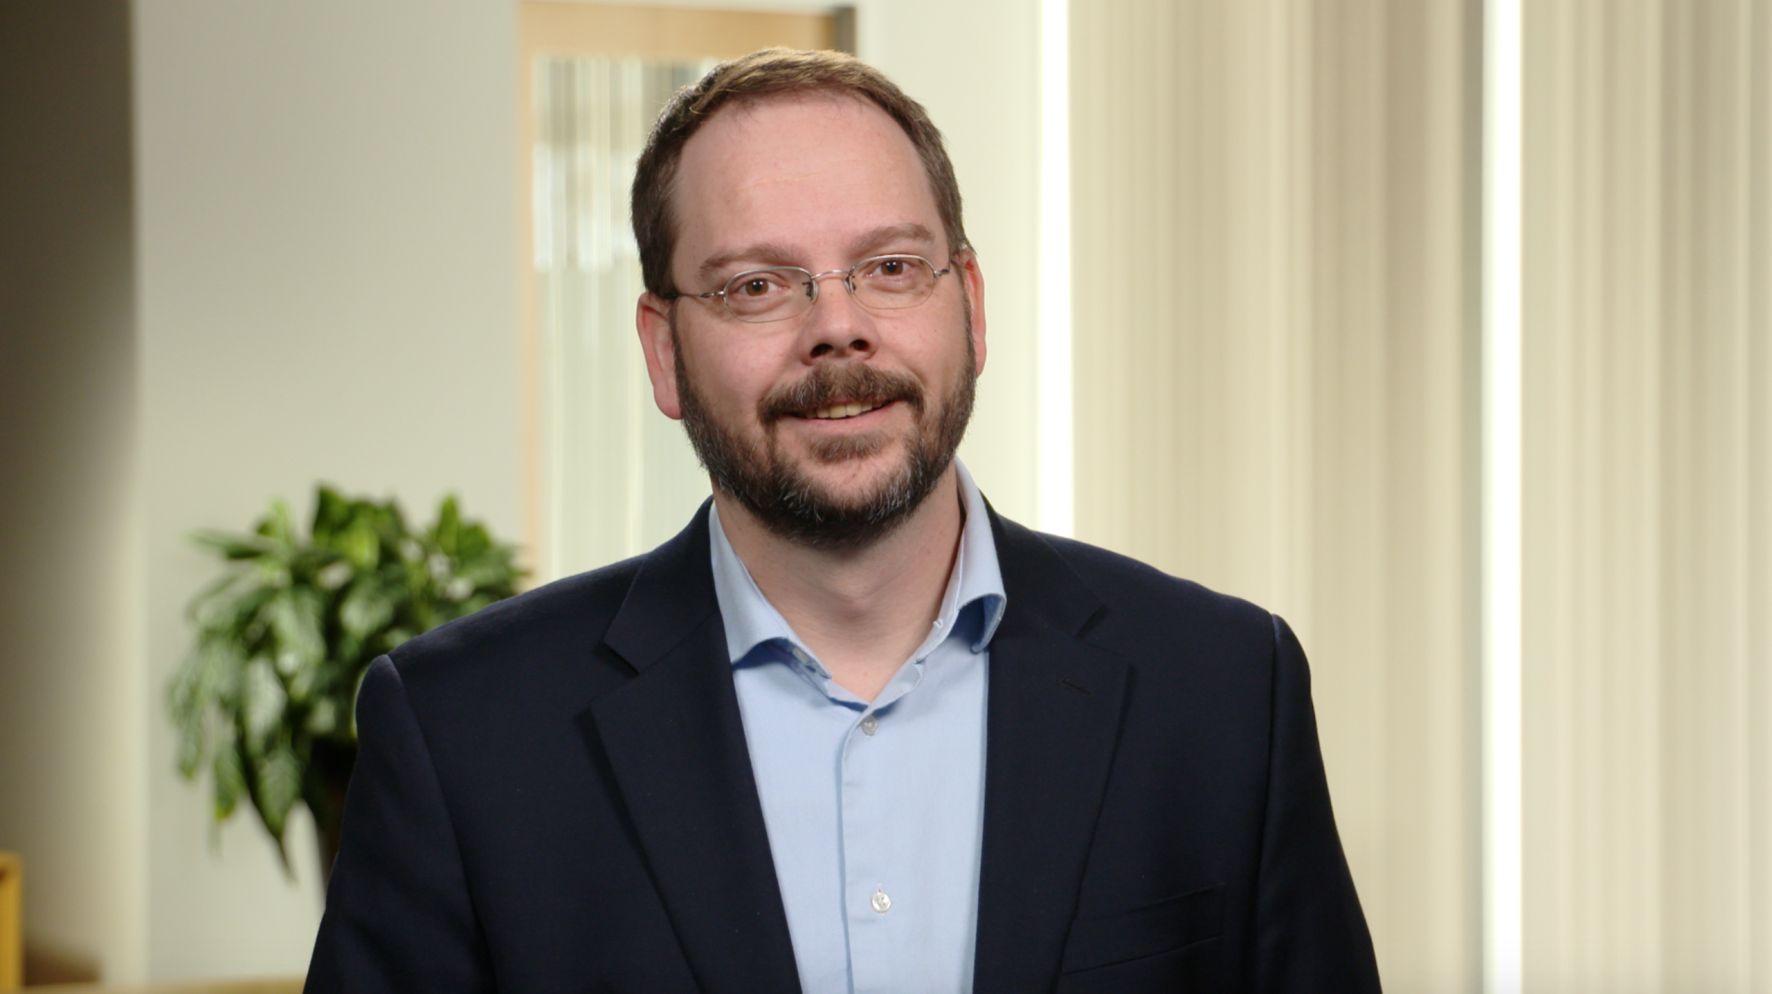 """Lars Herrmann: """"Wir machen seit über 15 Jahren Enterprise Business und diese Erfahrung spricht für sich."""""""